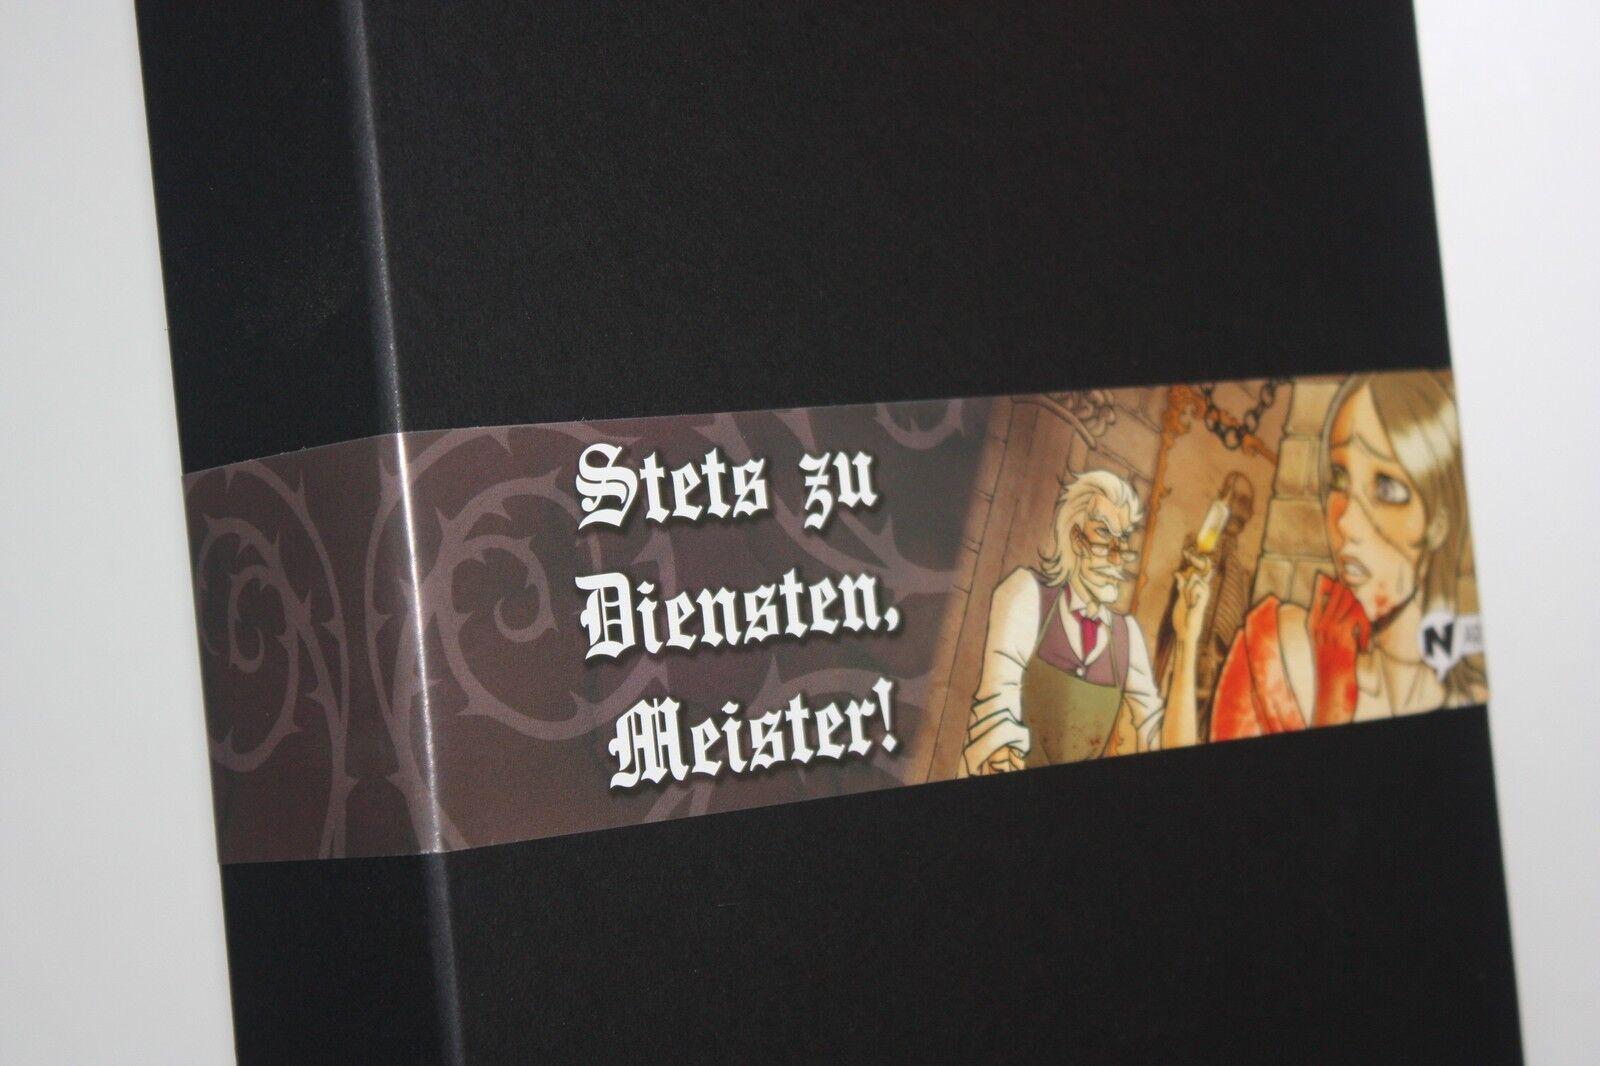 Narrativa Stets Zu Diensten, Meister - Limitierte Deluxe - - - Ausgabe Neu Rollenspiel 1b70a7